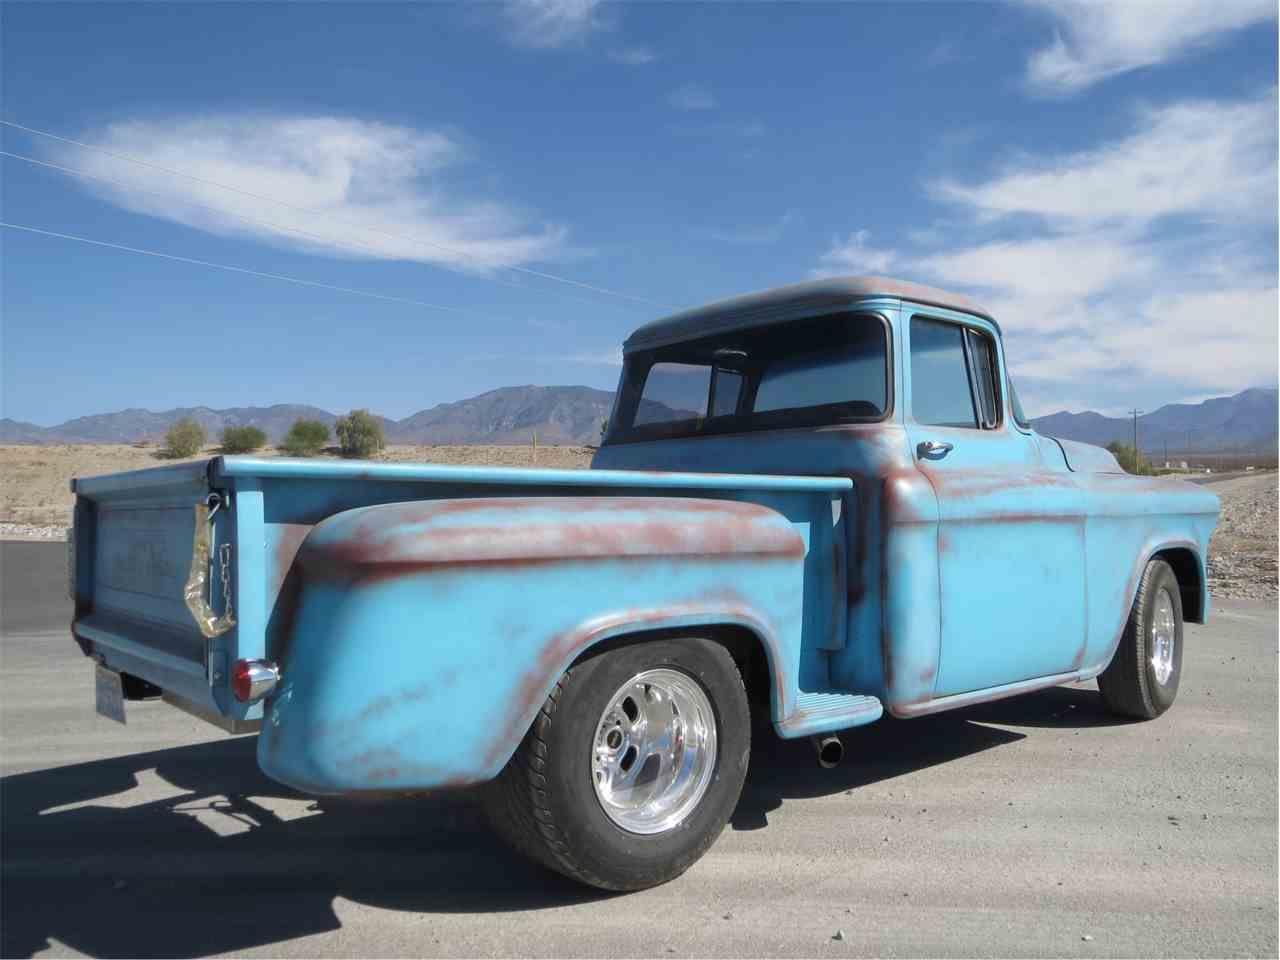 1955 GMC Pickup for sale | Listing ID:CC-1052742 | ClassicCars.com ...